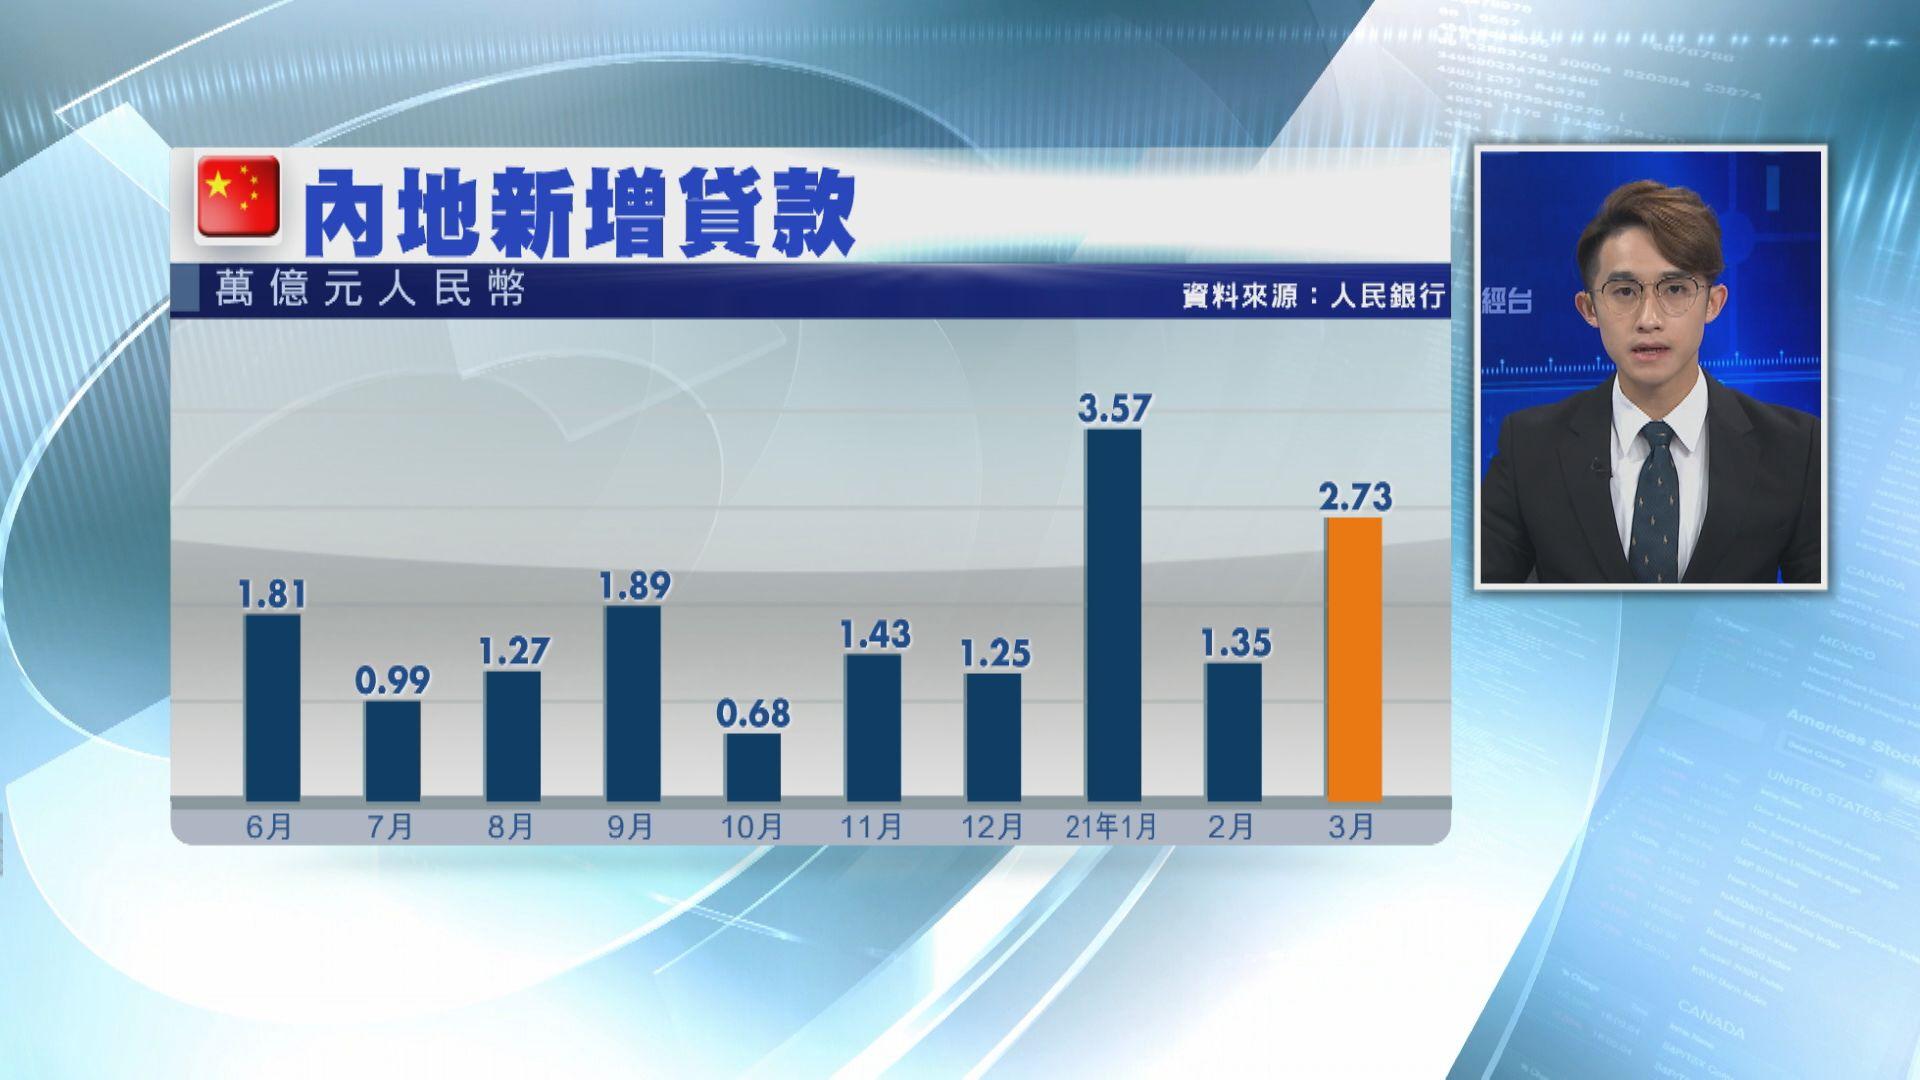 內地上月新貸2.73萬億人幣 增逾倍